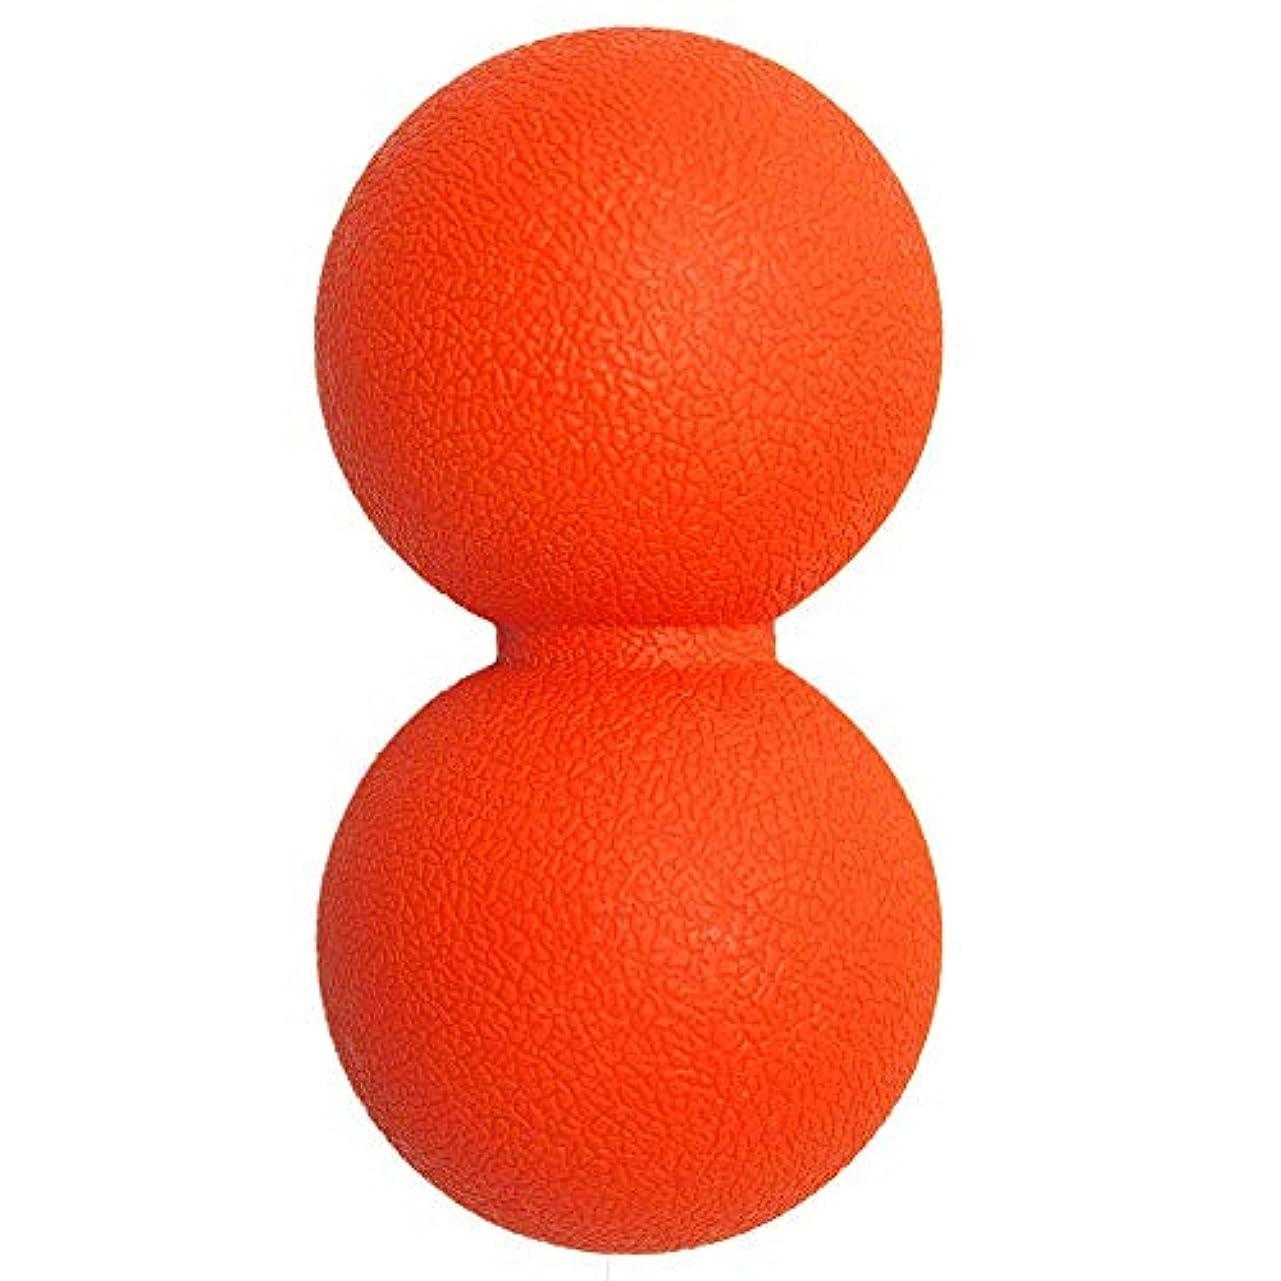 世辞どれでも投票マッサージボール 筋膜リリースストレッチボール 肩こり 腰 足裏ツボ押しグッズ 背中,オレンジ